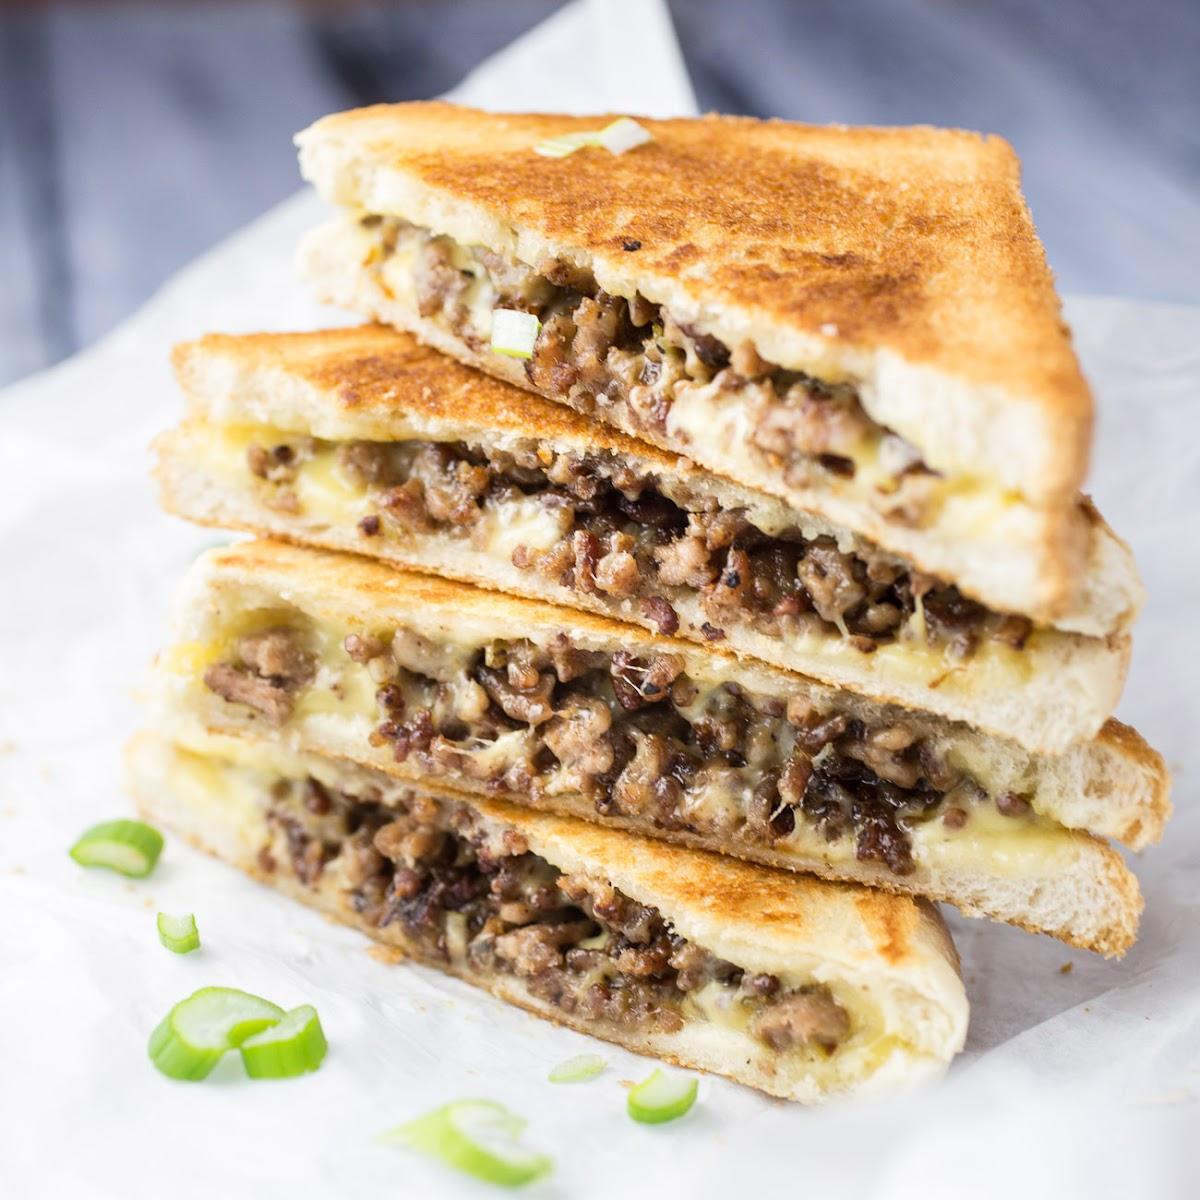 10 Best Ground Beef Sandwiches Recipes